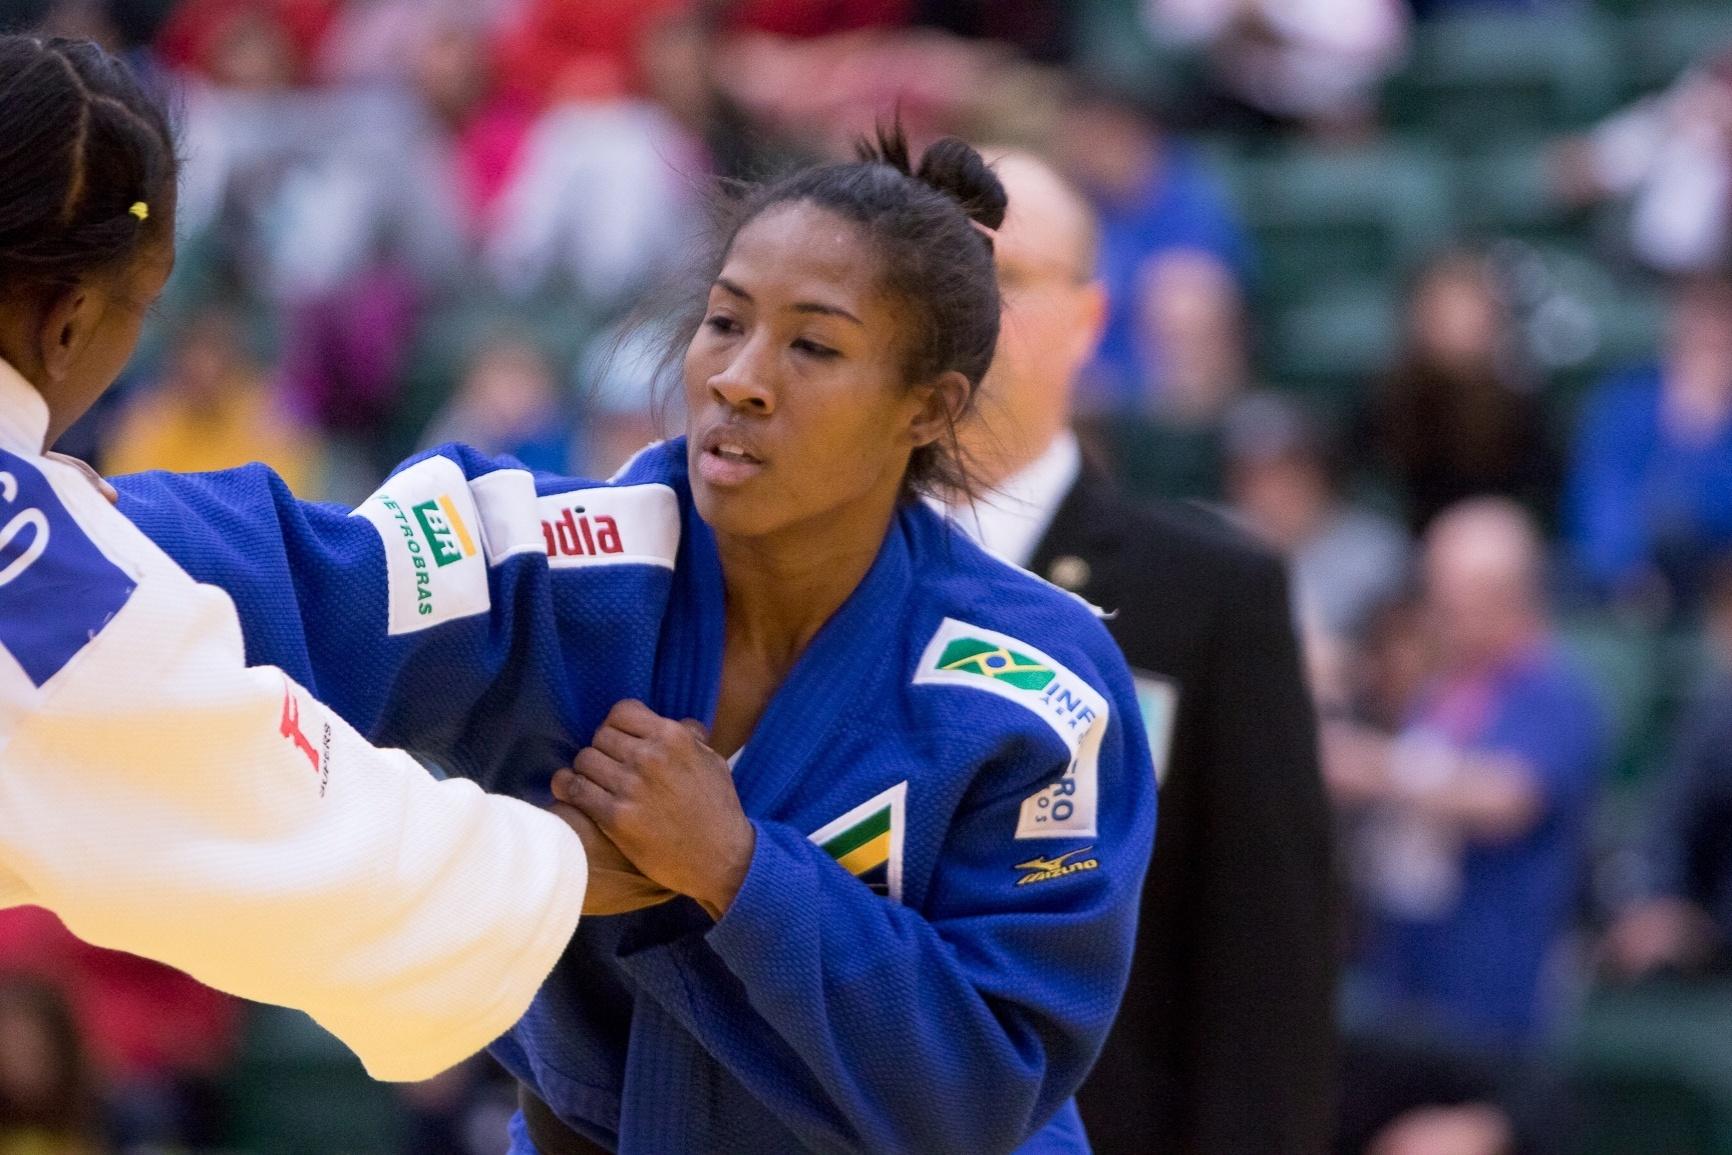 Ketleyn Quadros perde em sua estreia no Campeonato Pan-Americano de judô em Edmonton